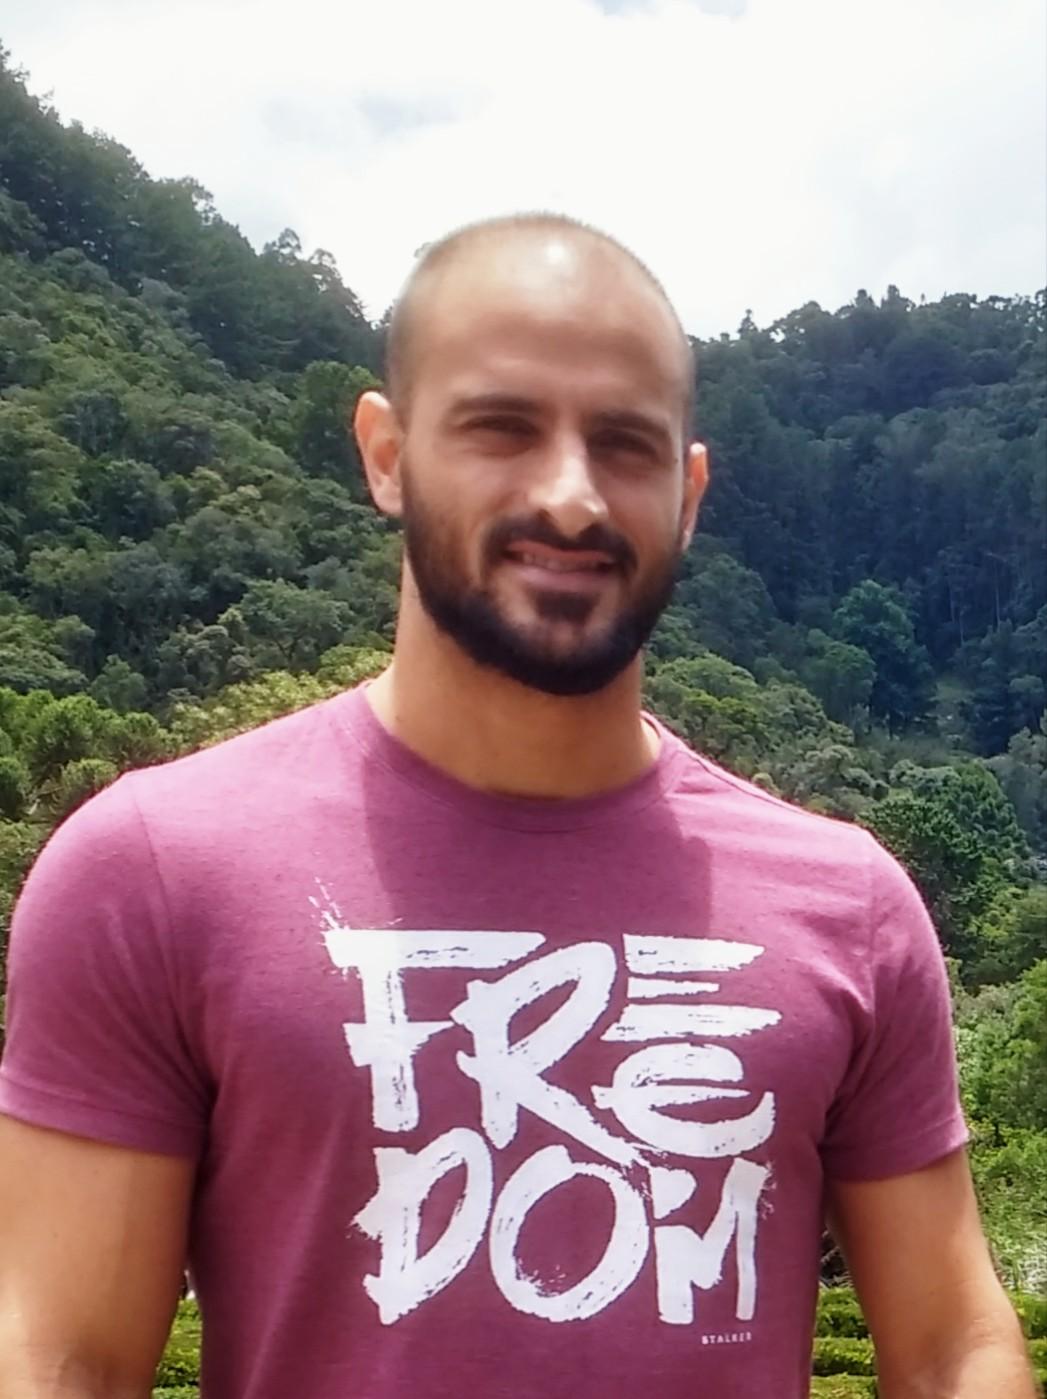 ENTREVISTA: Murilo Rebelato Ottaviani -  aprovado em 2º no concurso da  PRF o estado do Rio Grande do Sul (provas objetiva e discursiva)